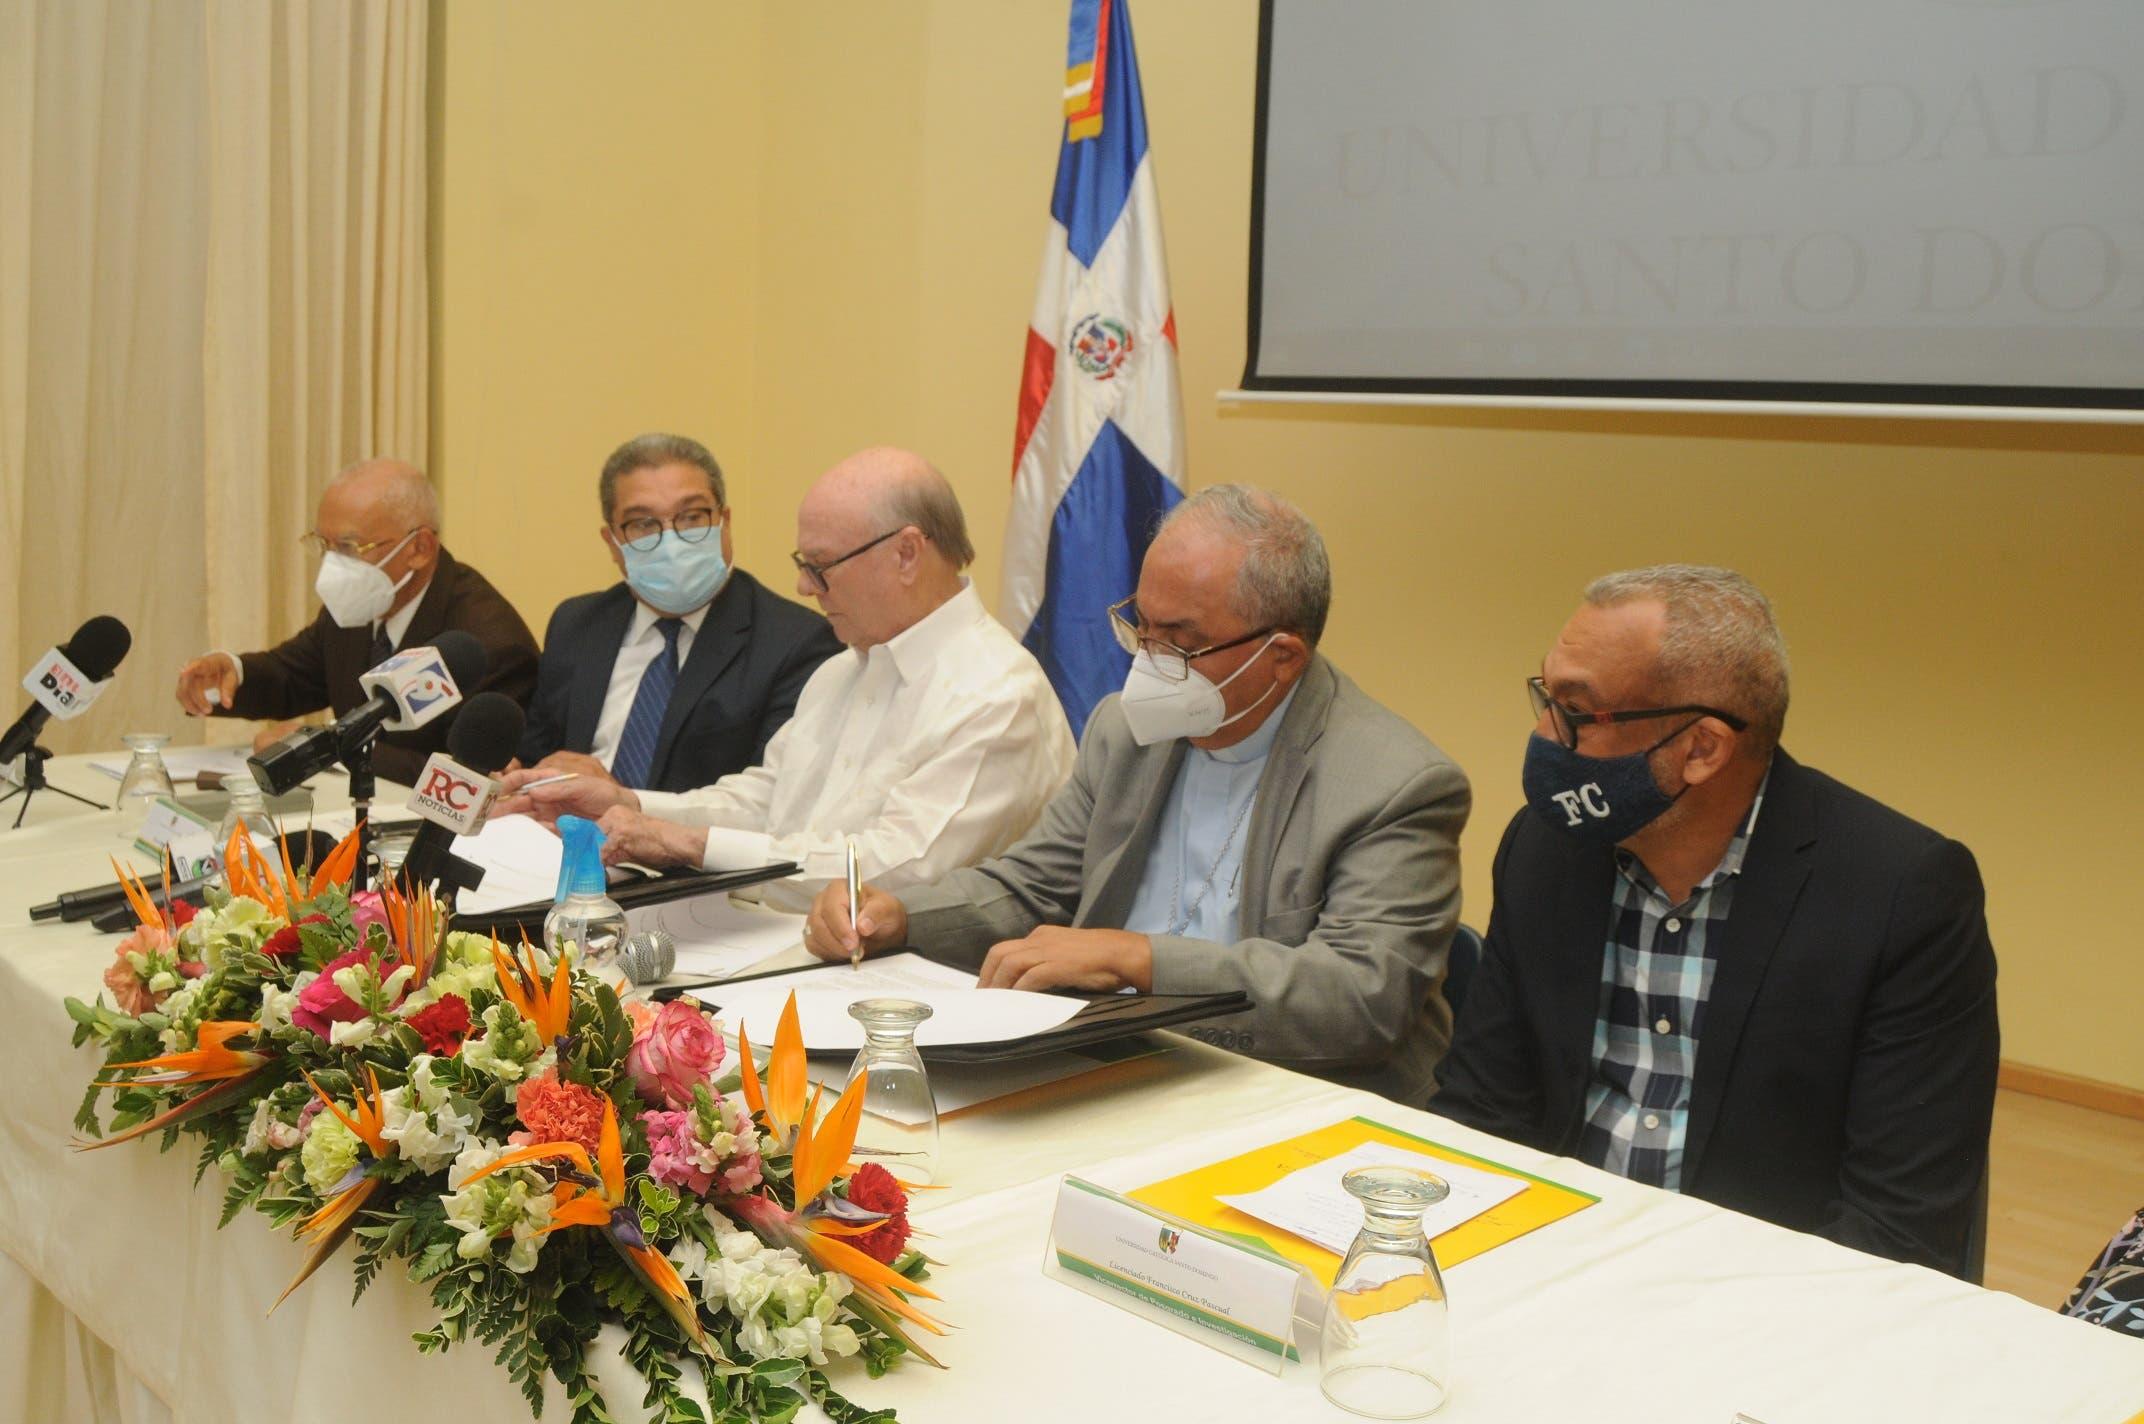 Universidad Católica y el Instituto de Formación Política Dr. José Francisco Peña Gómez firman convenio de Educación Continuada